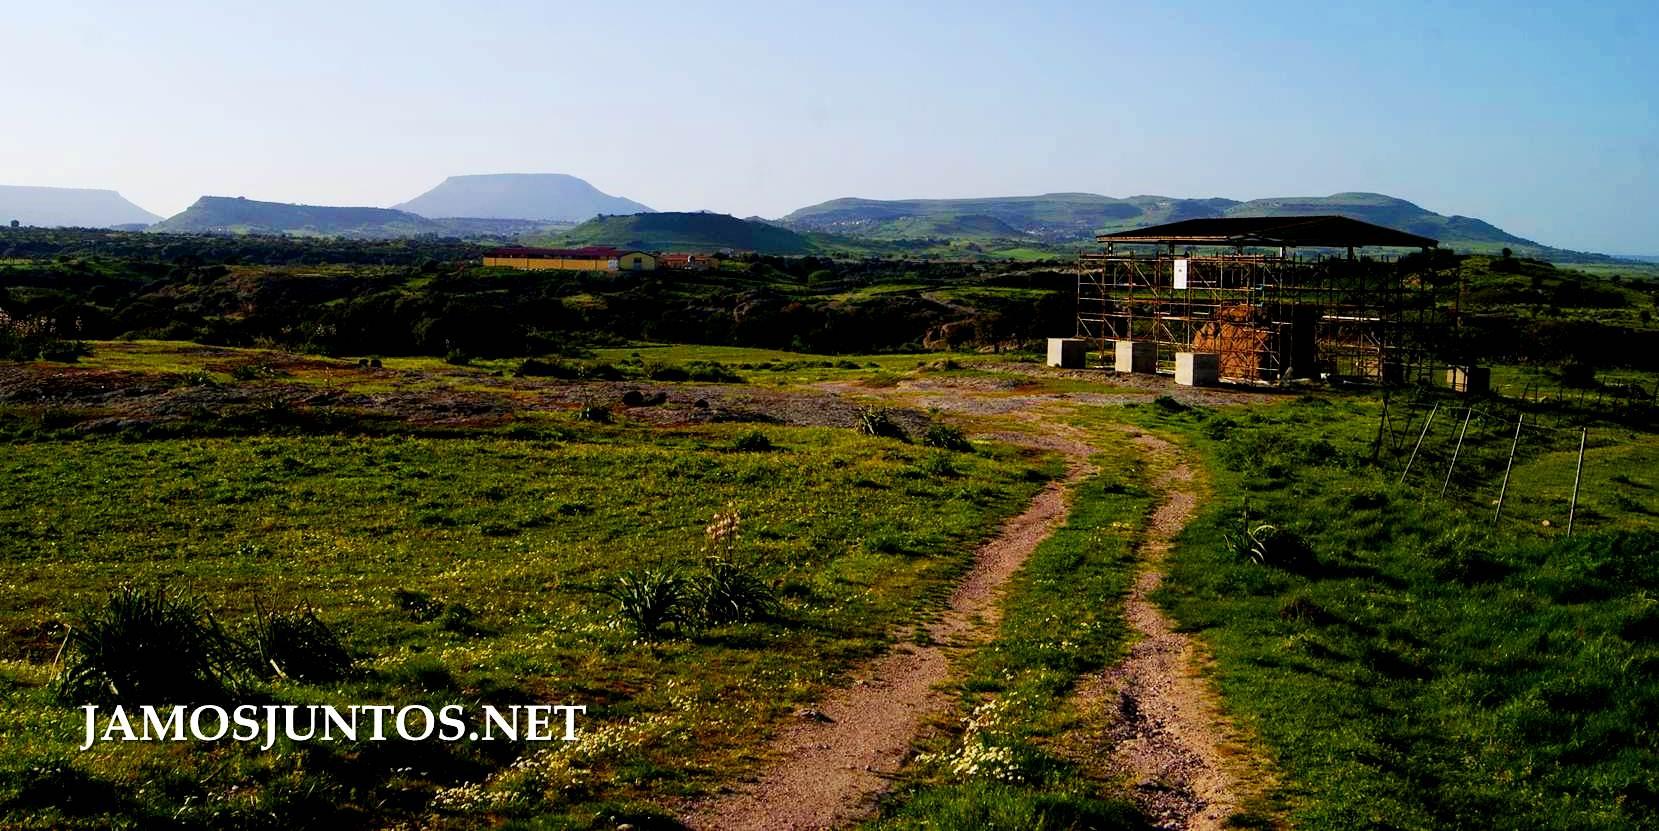 Italia, Cerdeña, Sardinia, viajar por libre, descubrir Cerdeña, indiana jones, aventura, nuraghe, tumba de gigantes, necropoli, tempiete, dolmen, Sa coveccada